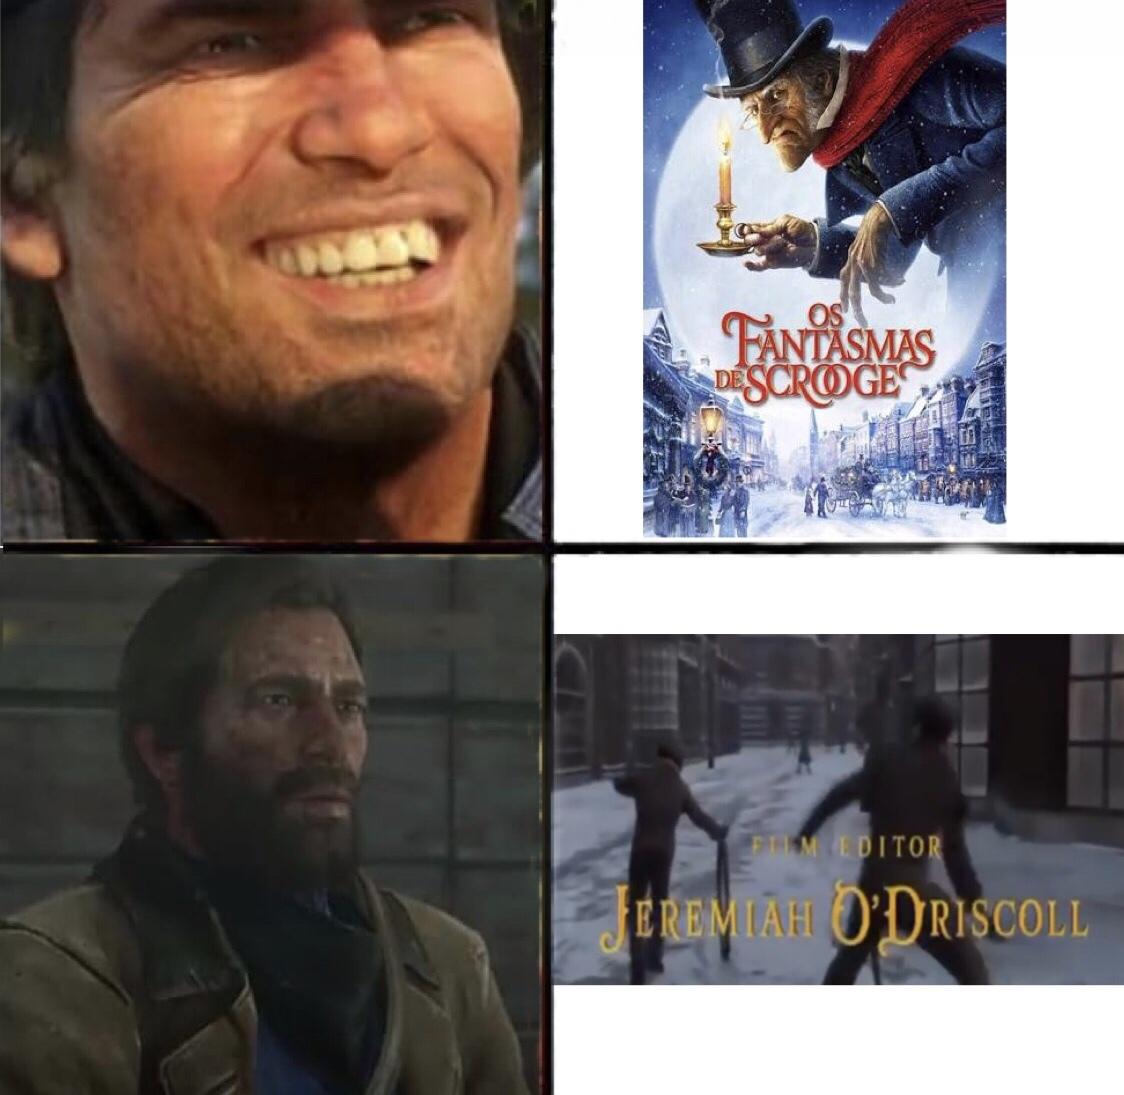 Maldito O'Driscoll - meme